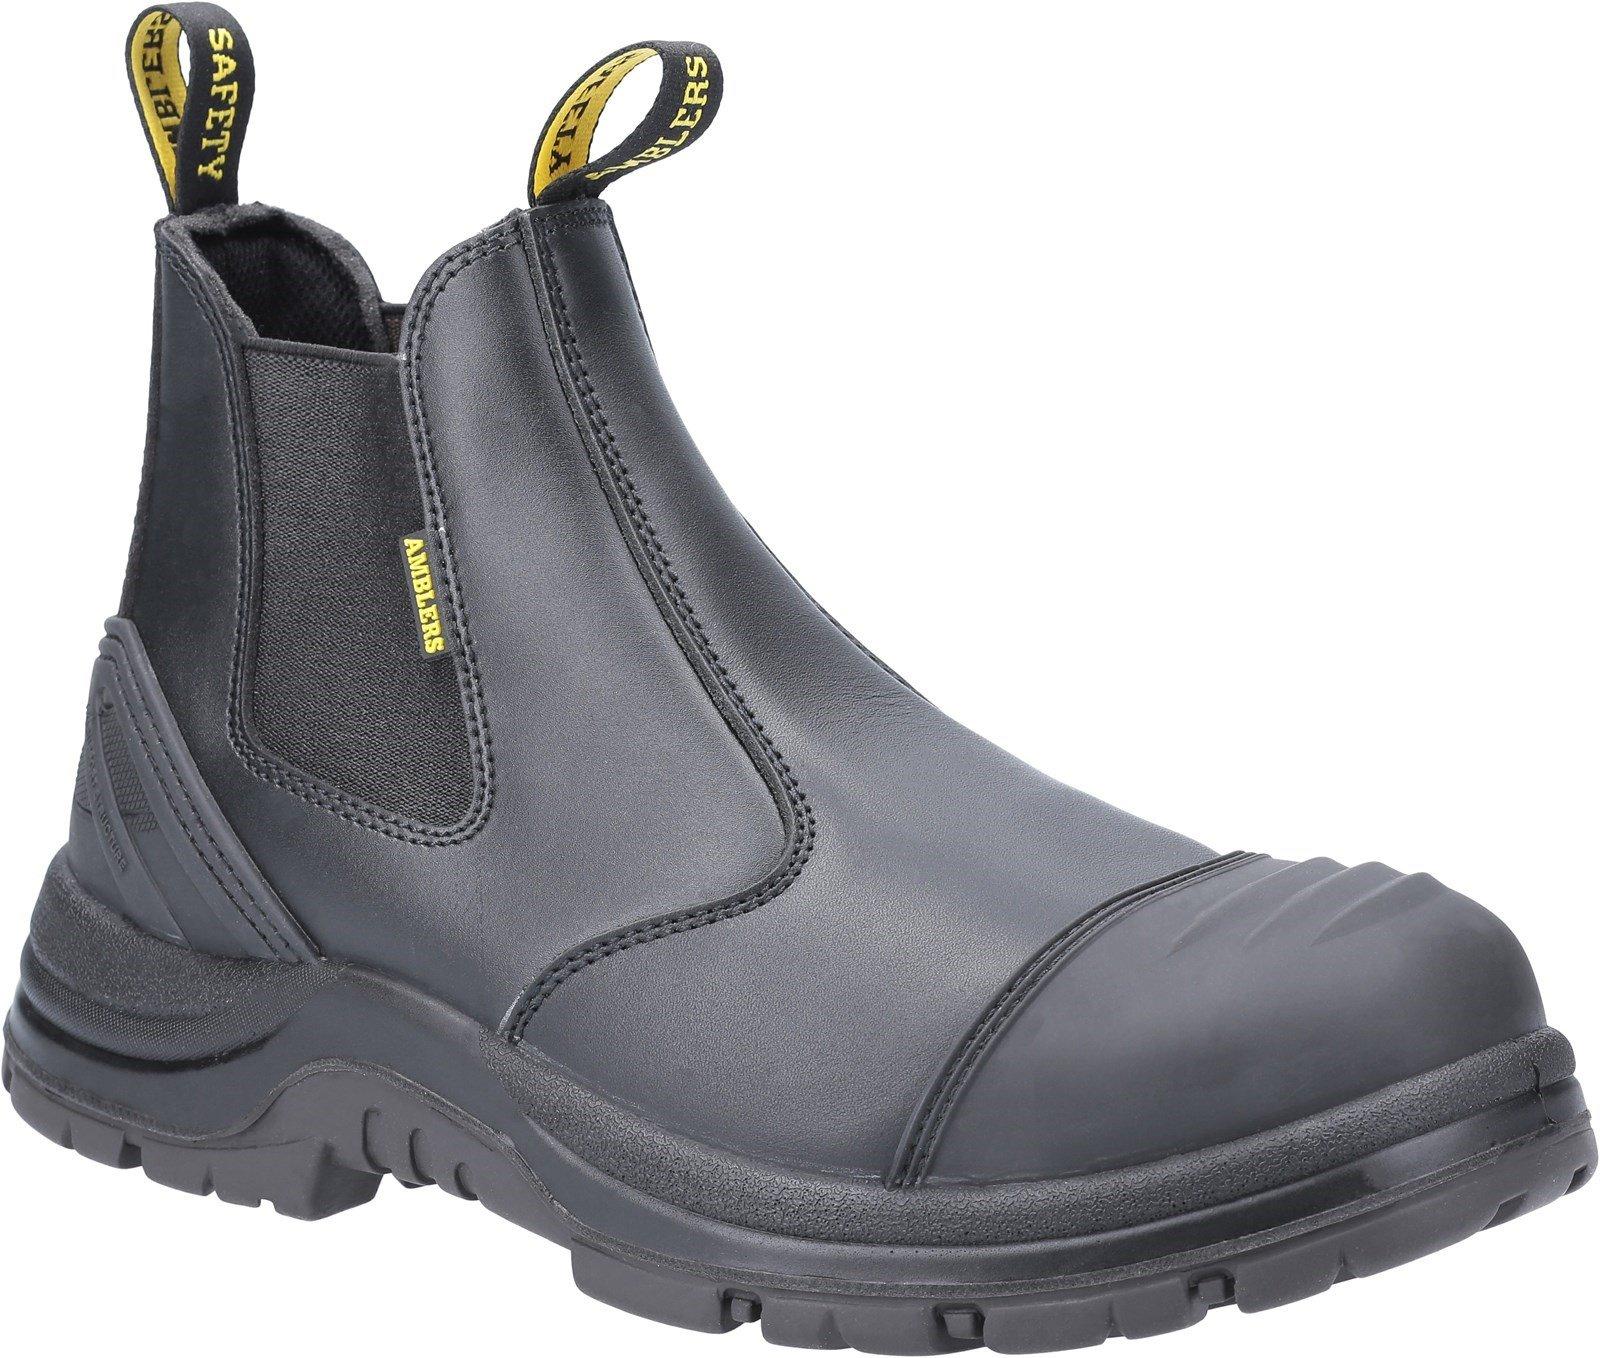 Amblers Safety Unisex Dealer Boot Black 31377 - Black 4